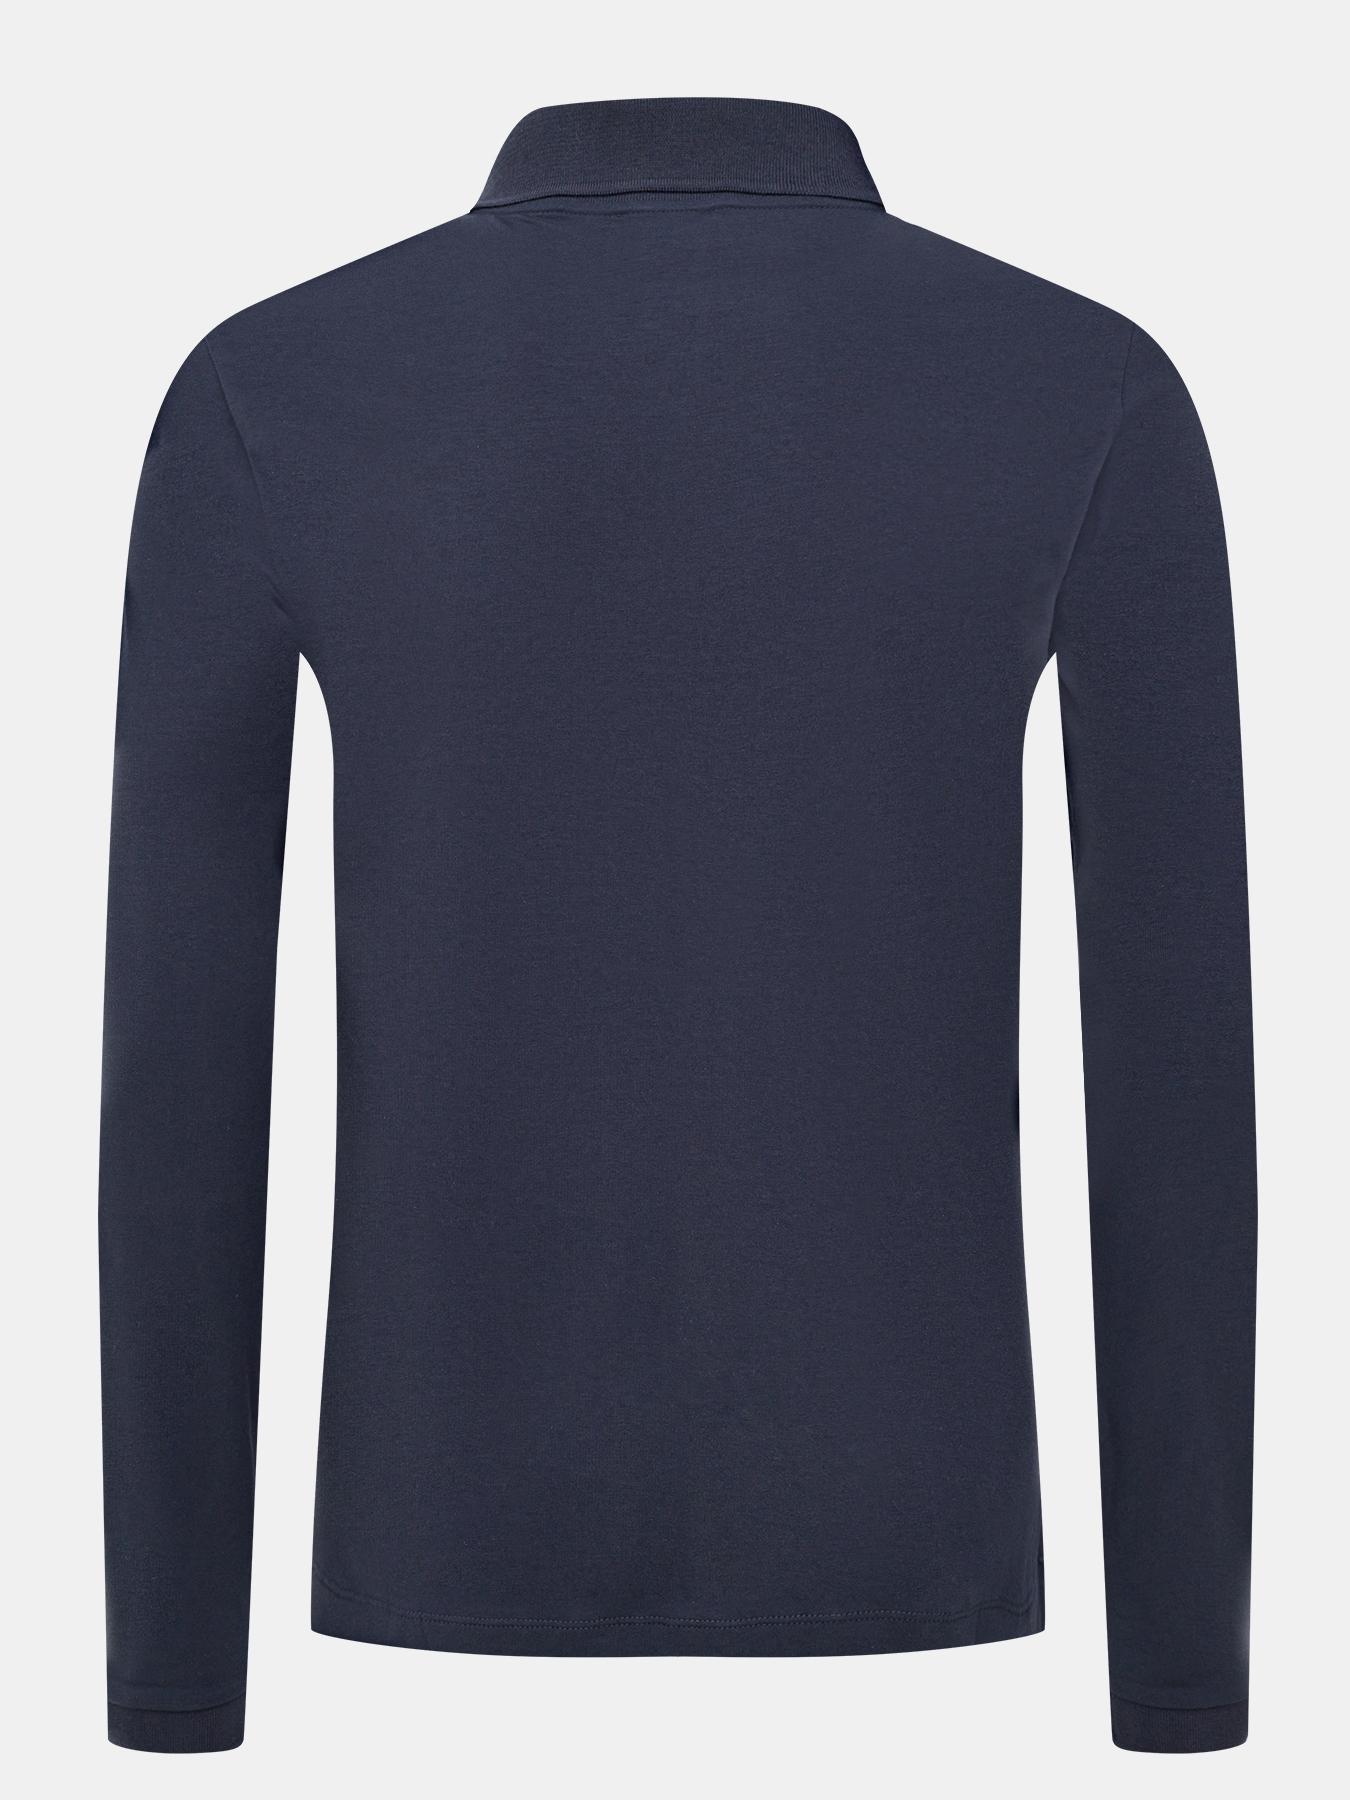 Рубашка поло EA7 Emporio Armani Поло с длинным рукавом